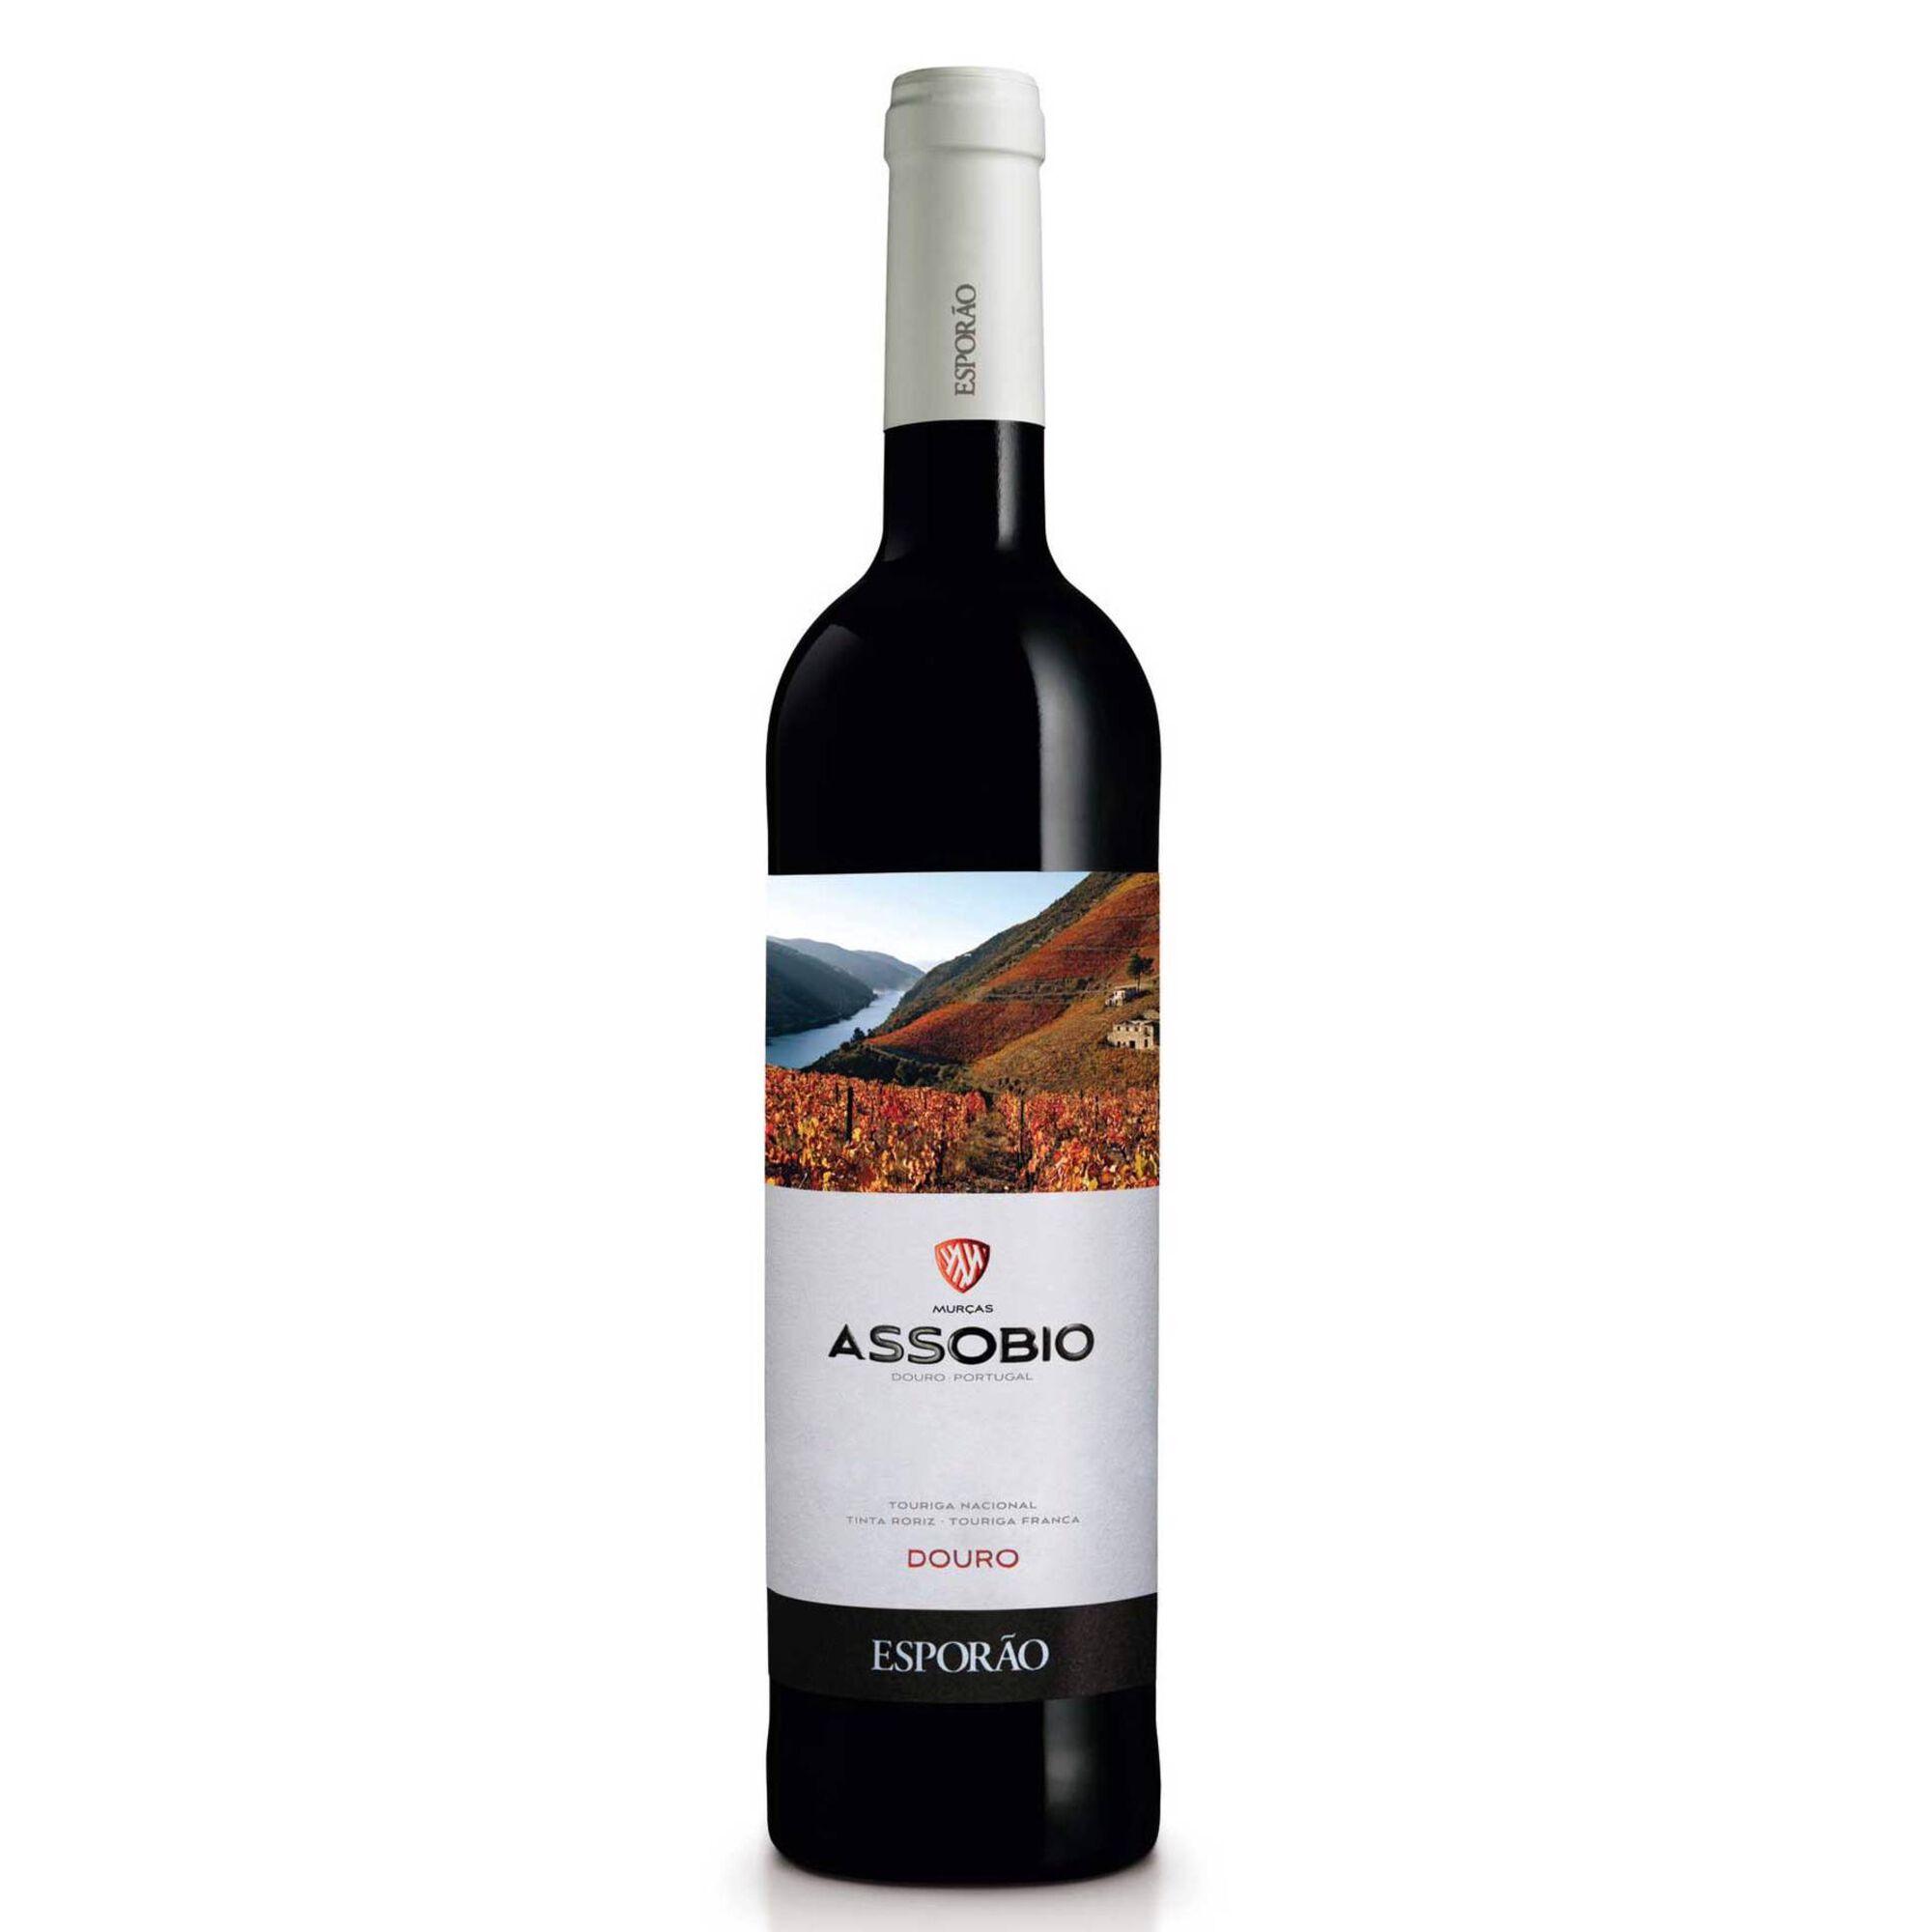 Assobio DOC Douro Vinho Tinto